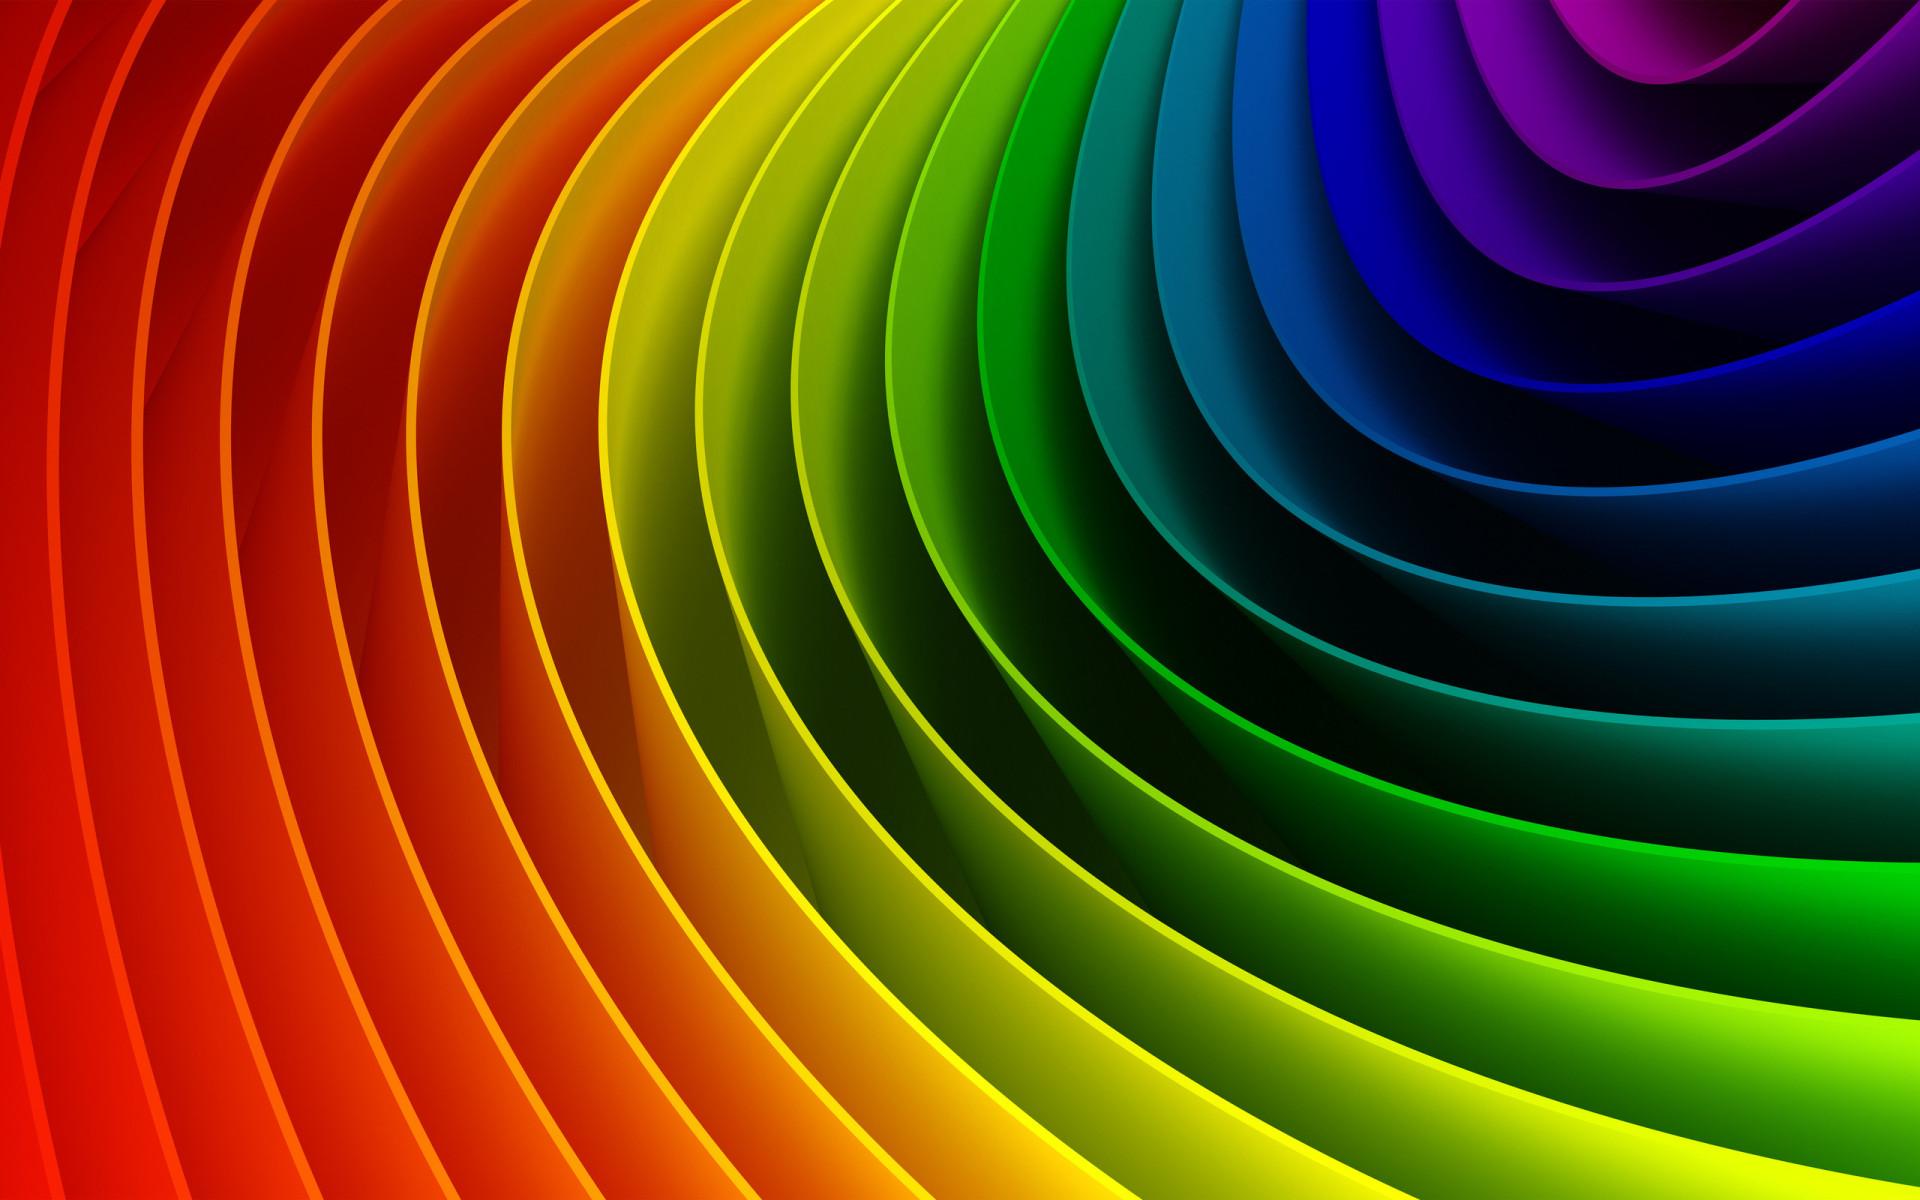 colorful spectrum colors - photo #47